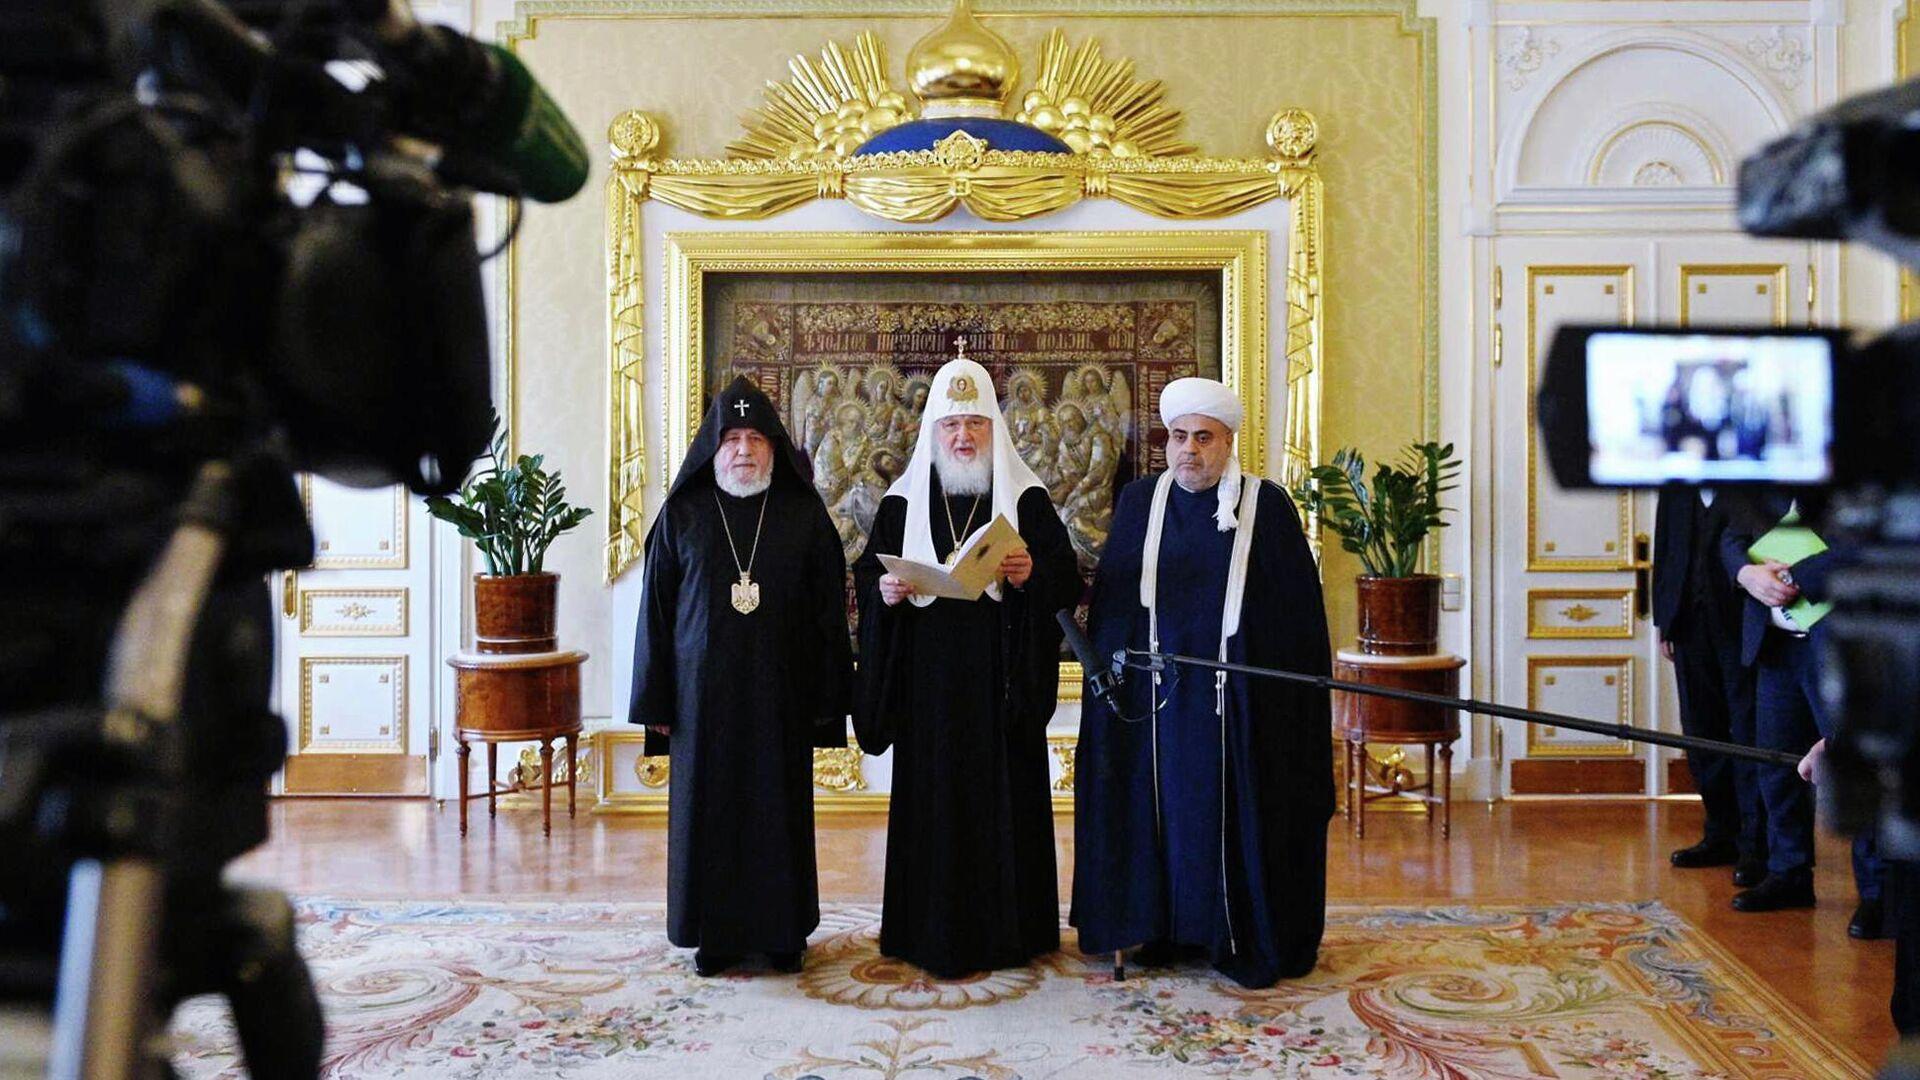 Հայաստանի, Ռուսաստանի և Ադրբեջանի հոգևոր առաջնորդների հանդիպումը - Sputnik Արմենիա, 1920, 14.10.2021